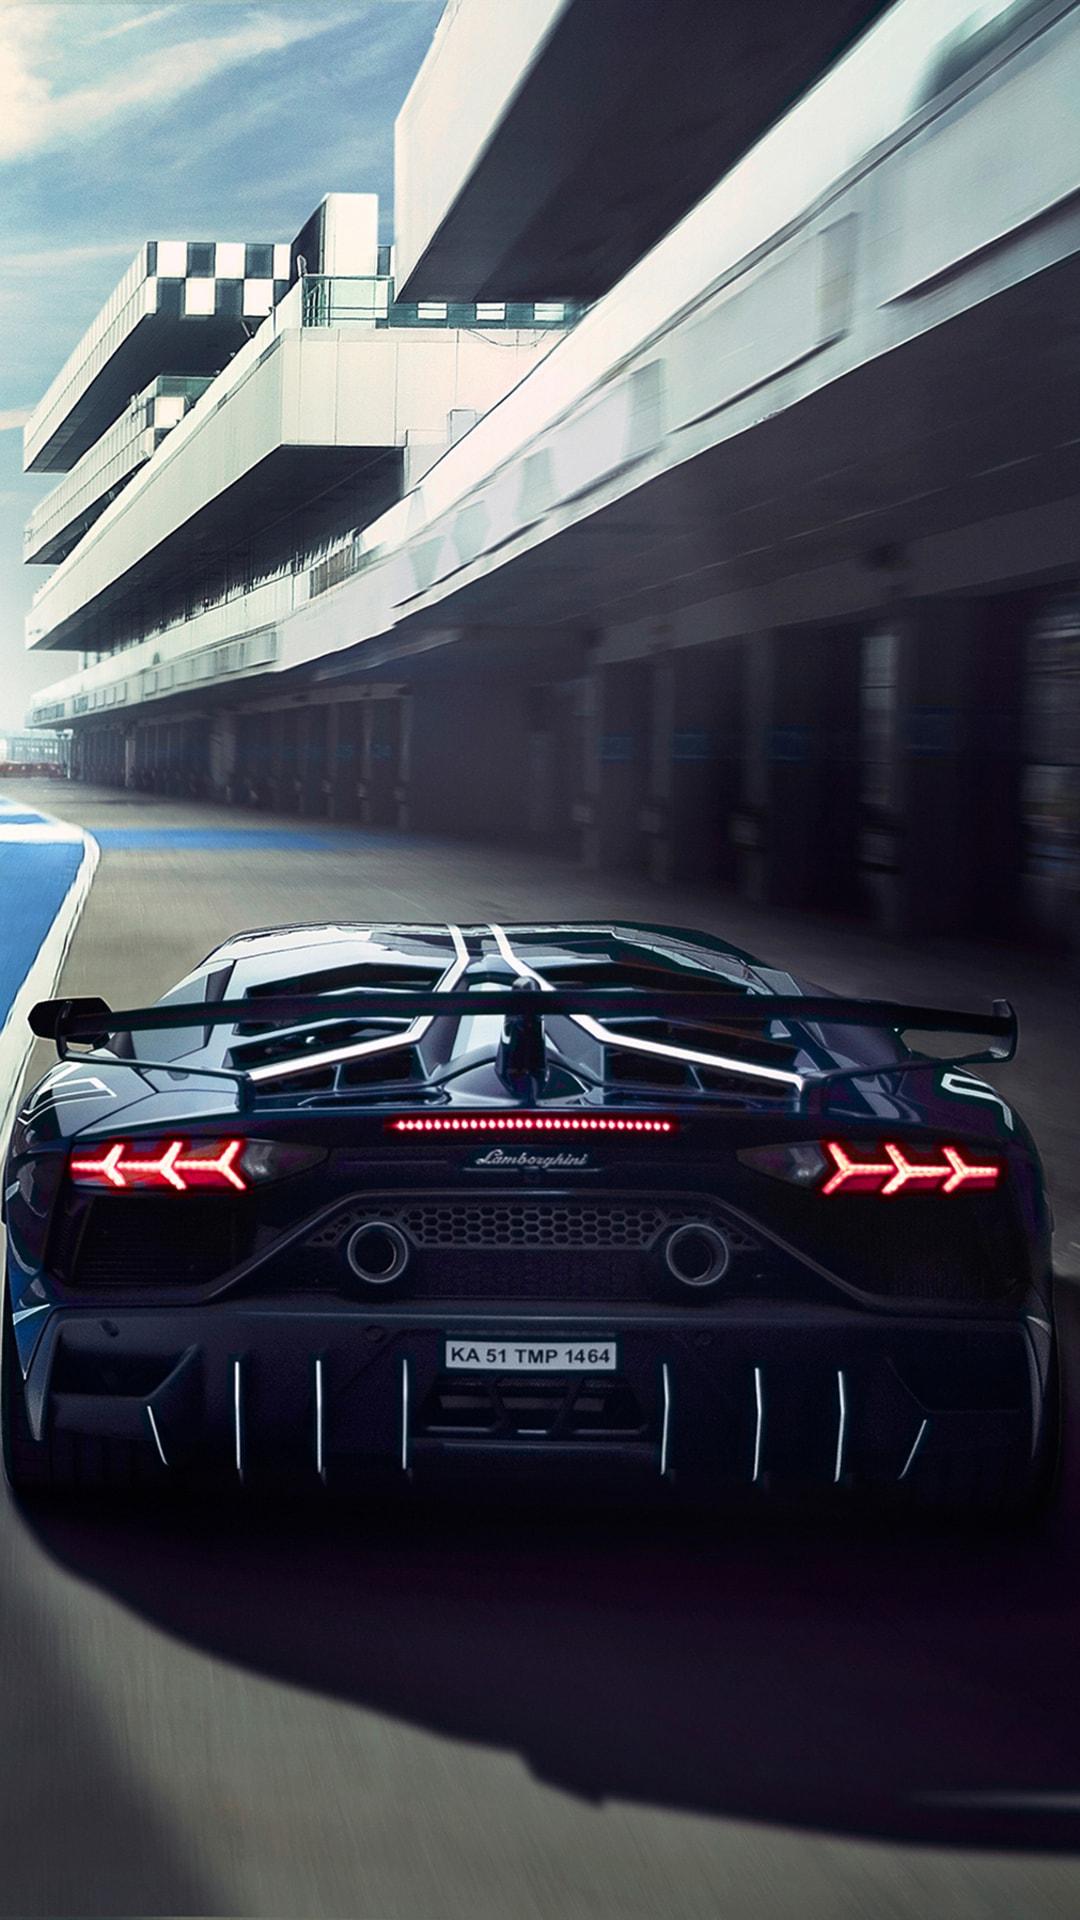 Lamborghini Aventardor SVJ 4k